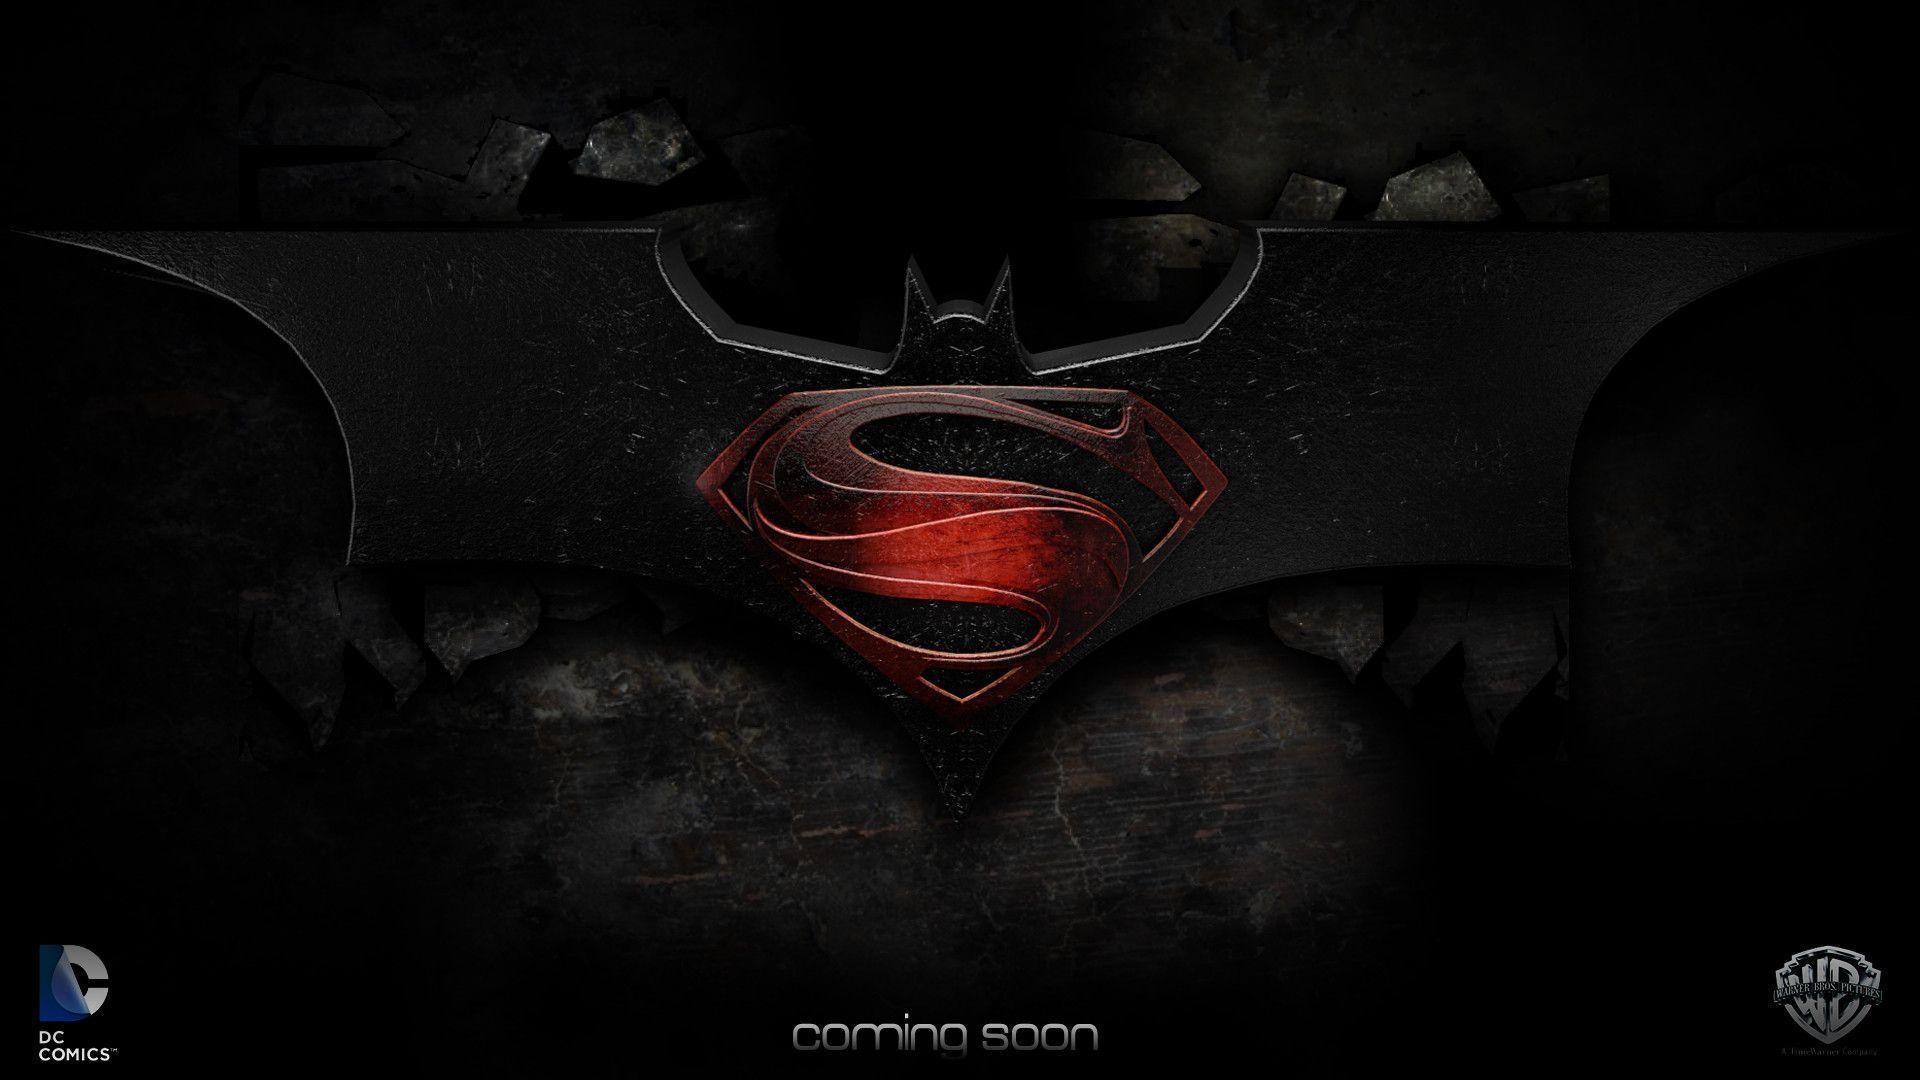 Batman Vs Superman Wallpapers - Wallpaper Cave |Batman Superman Logo Wallpaper